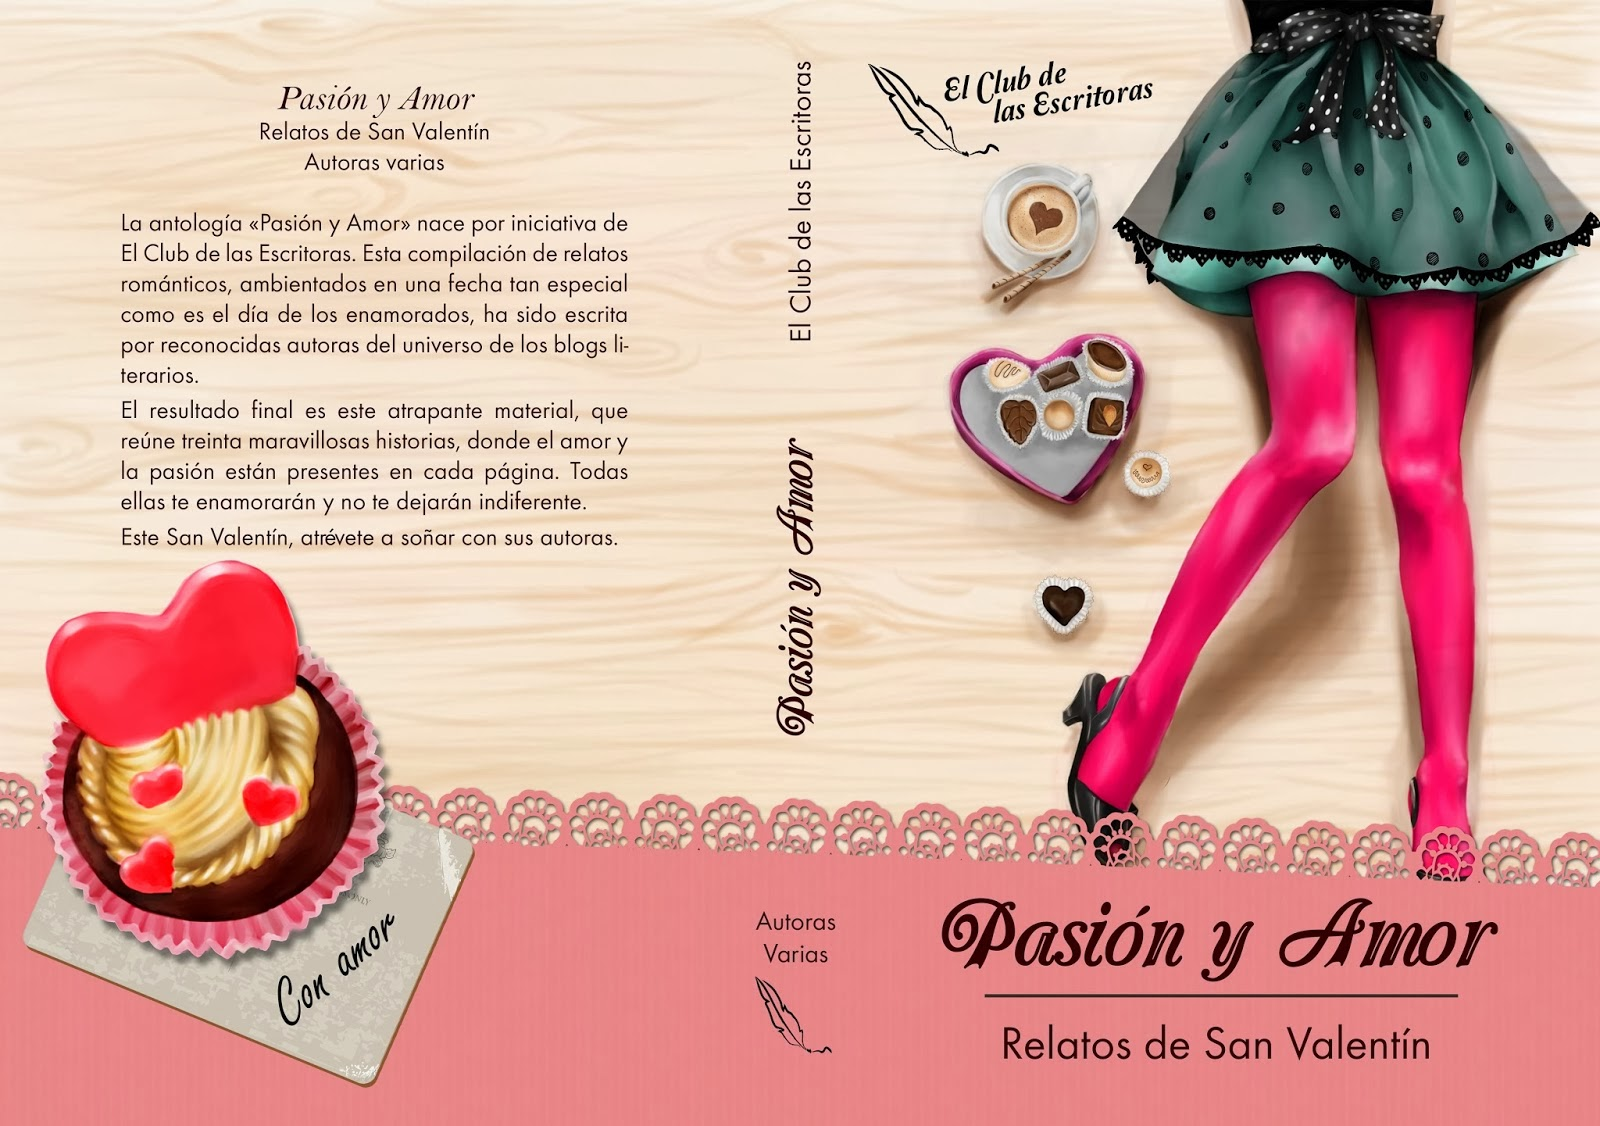 Antología Pasión y Amor